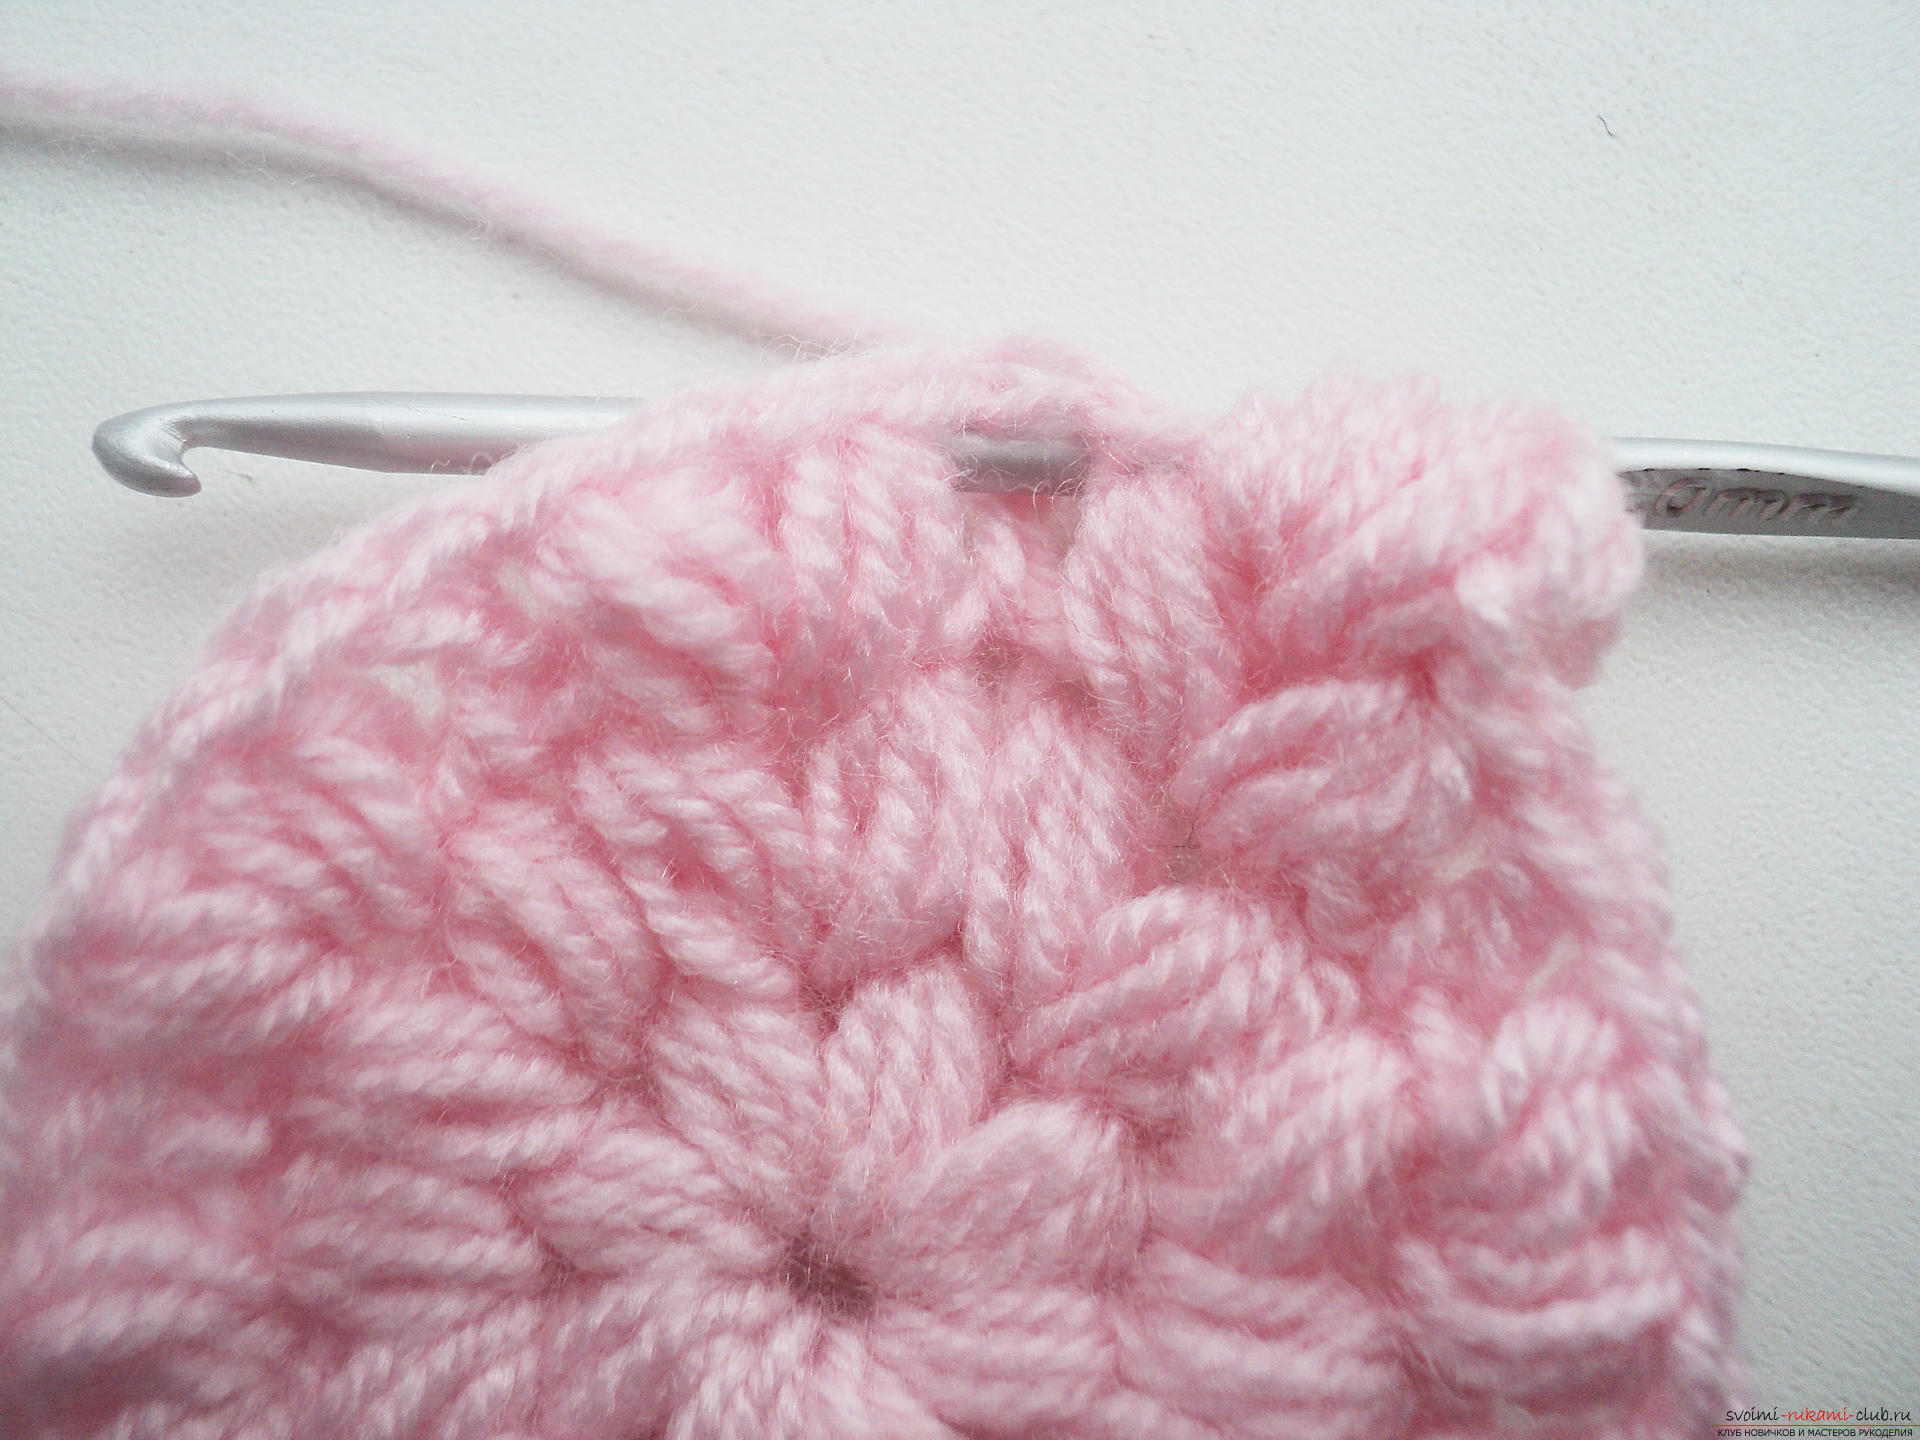 Как вязать шапку спицами с описанием и схемами, Вязание 13